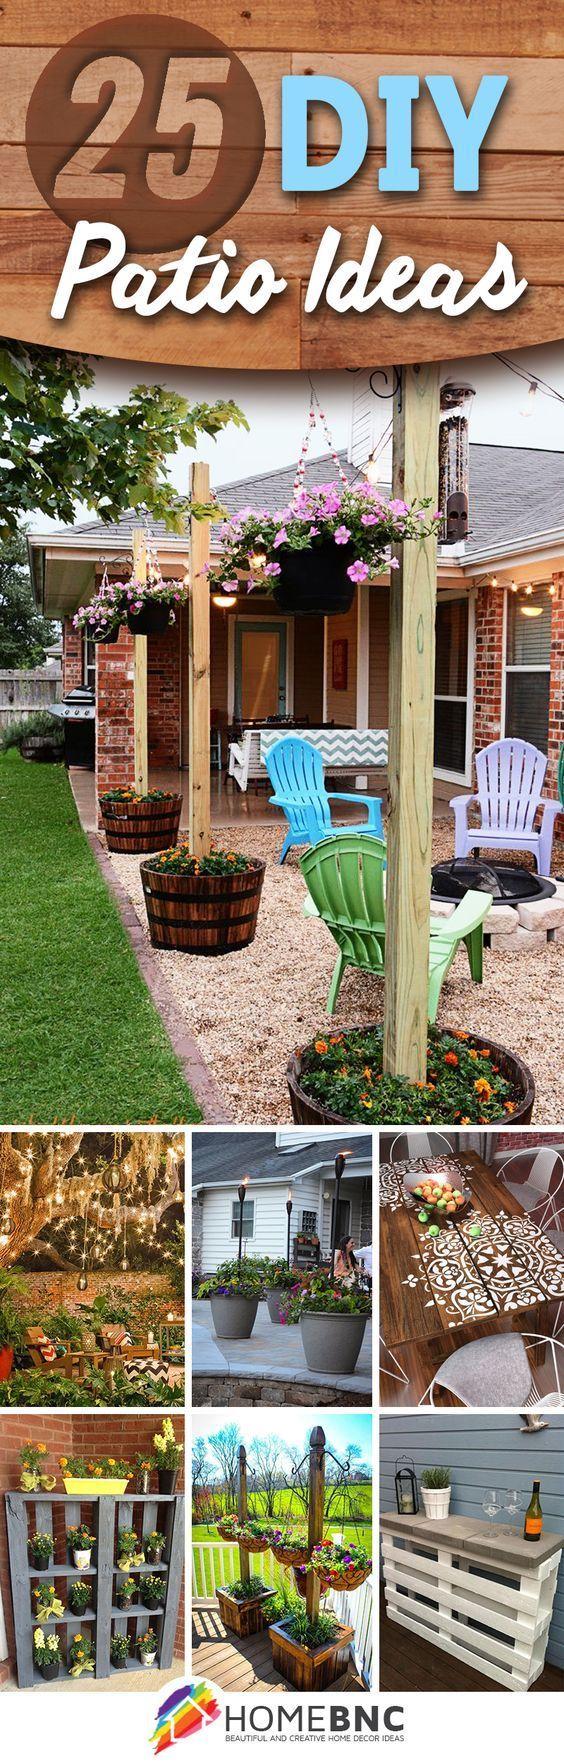 25 Dazzling DIY Patio Decoration Ideas to